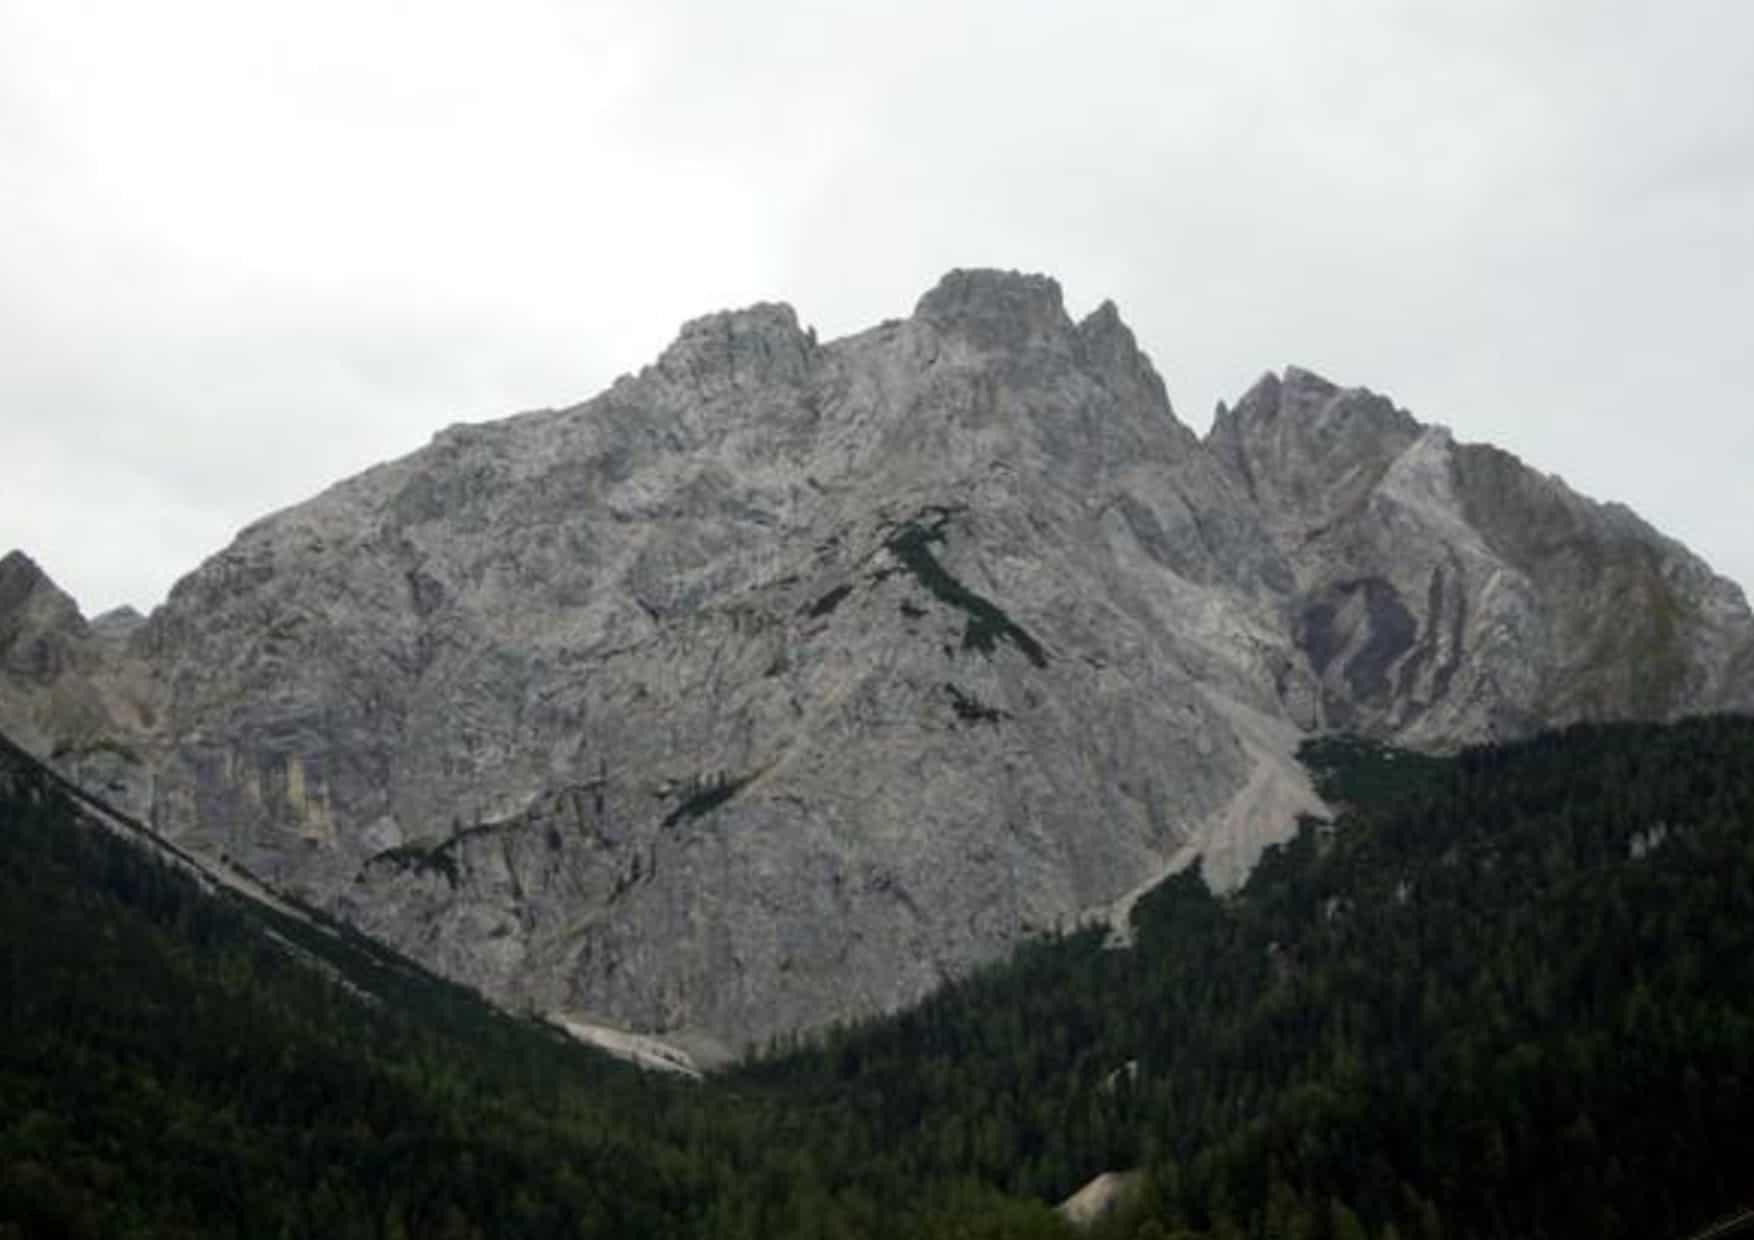 Klettern am Wamperten Schrofen